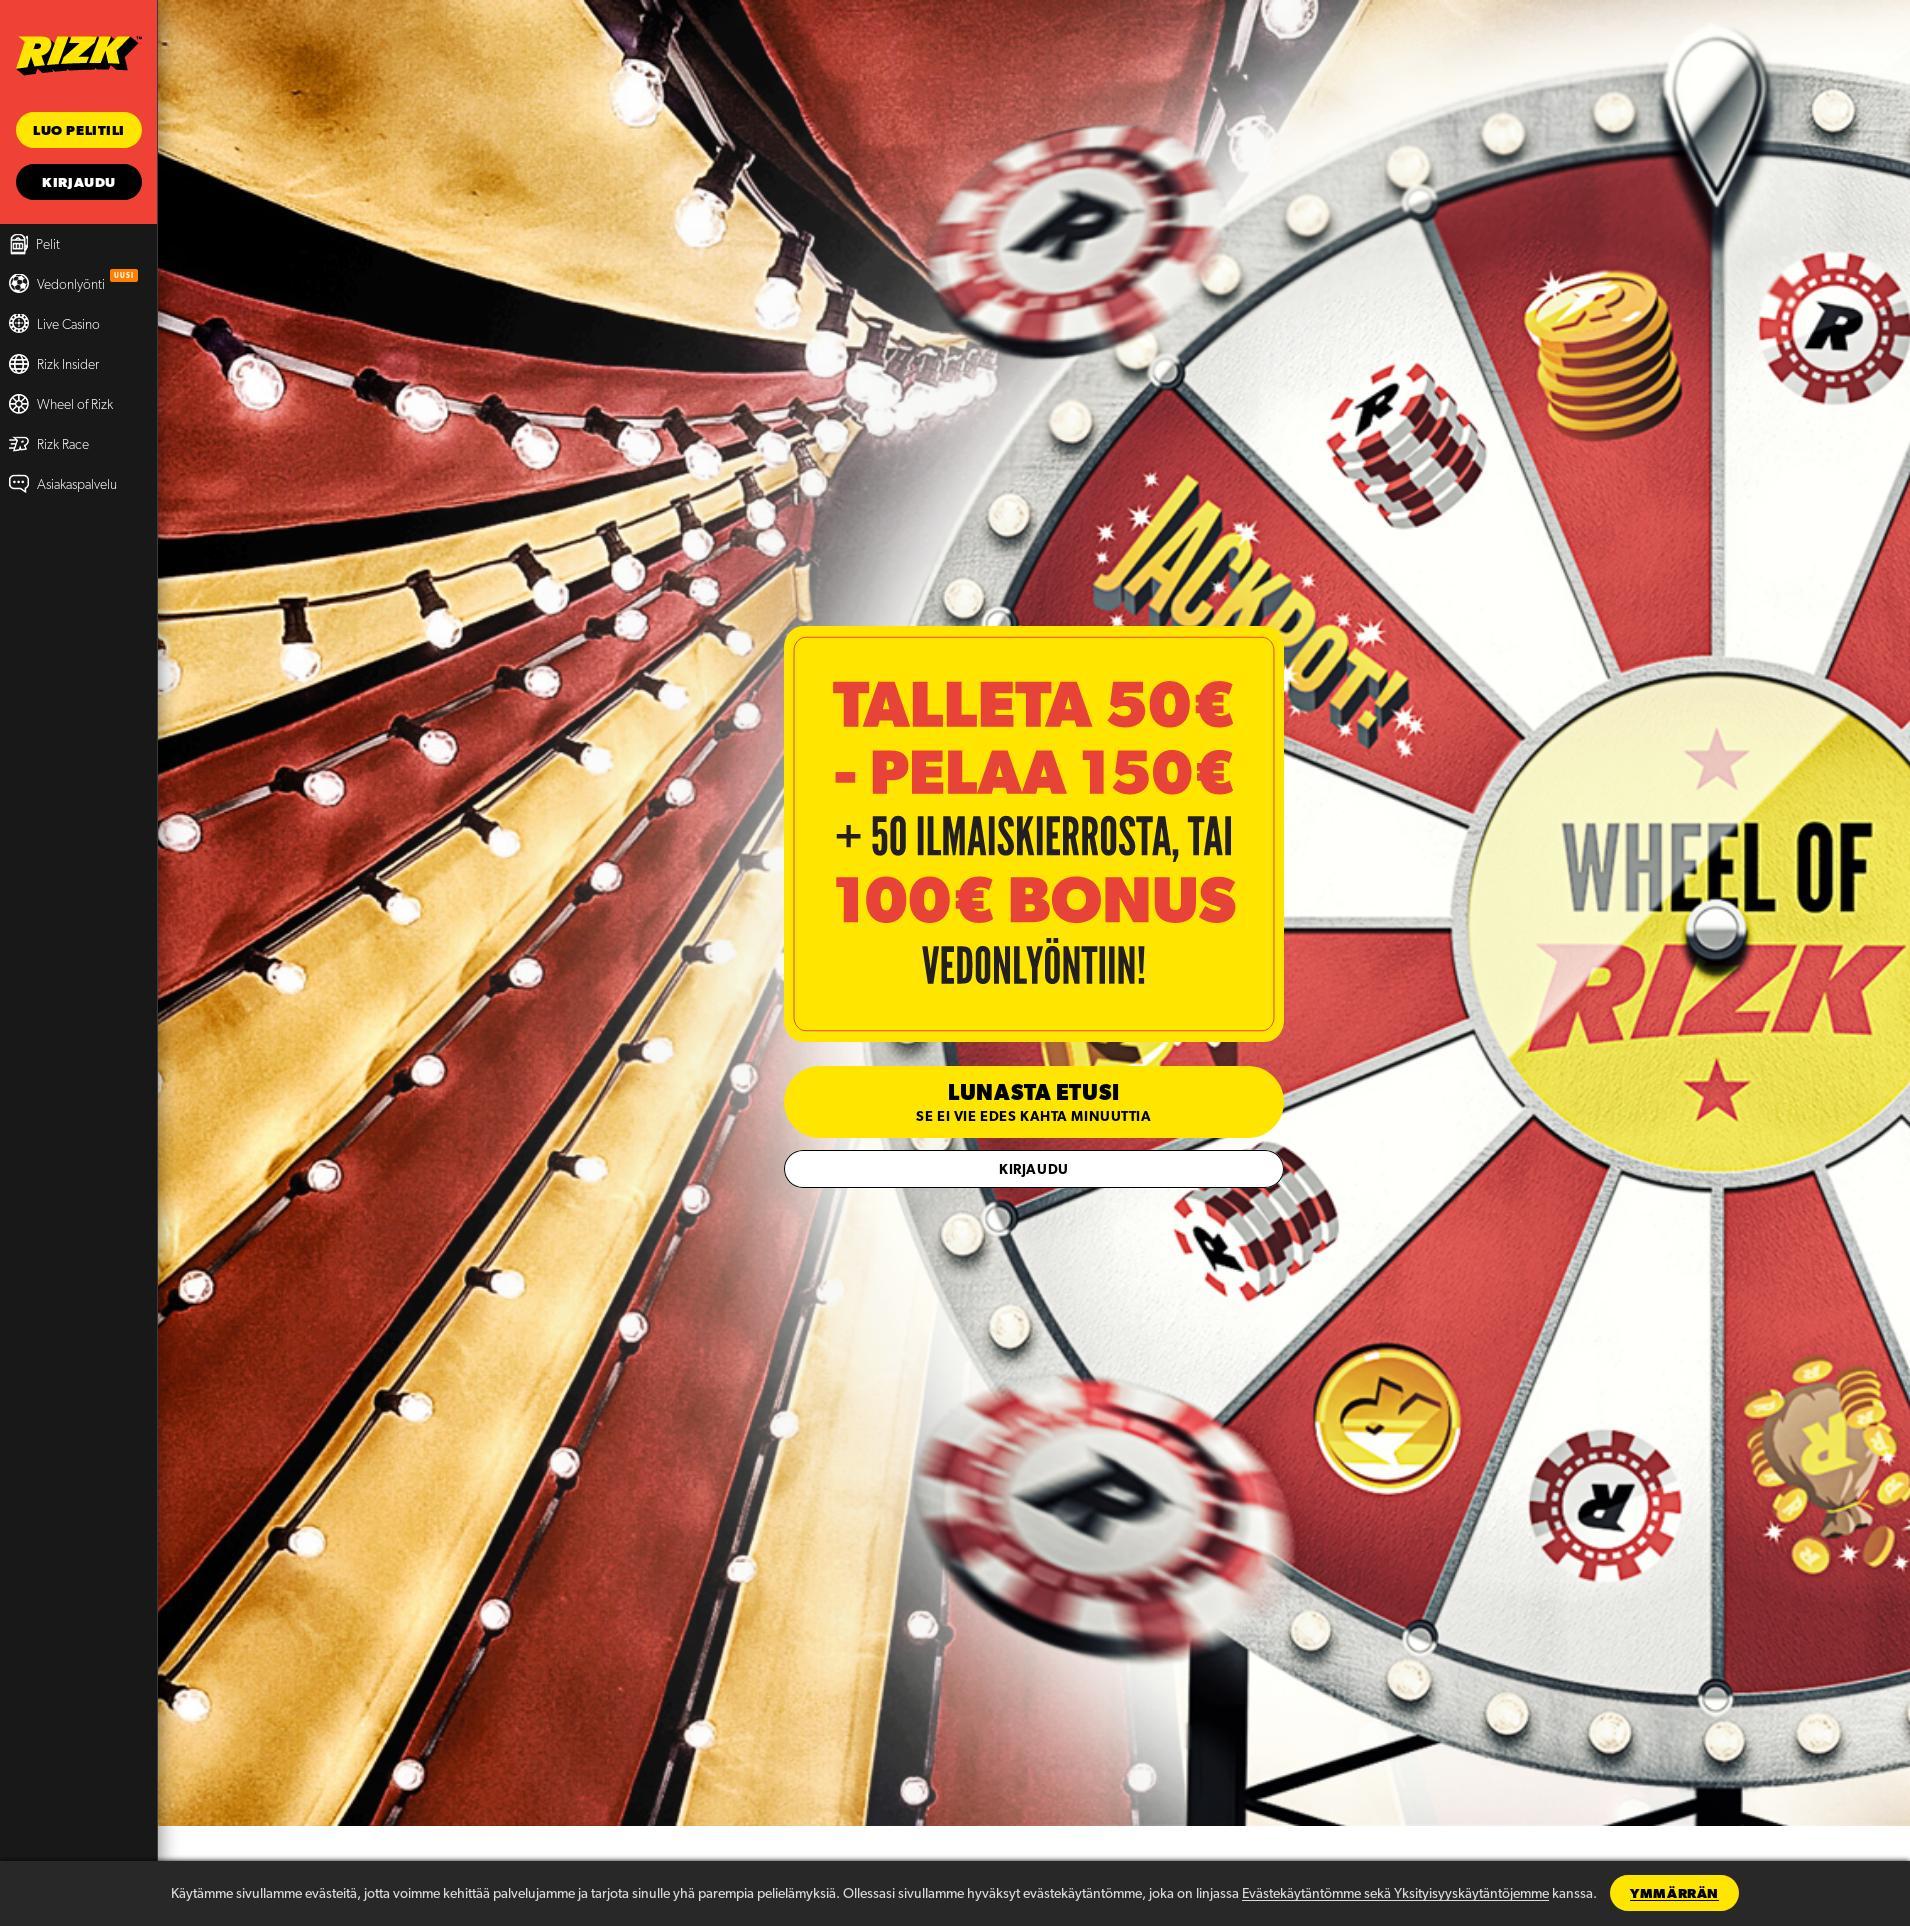 Casino-näyttö Lobby 2020-04-03 varten Suomi